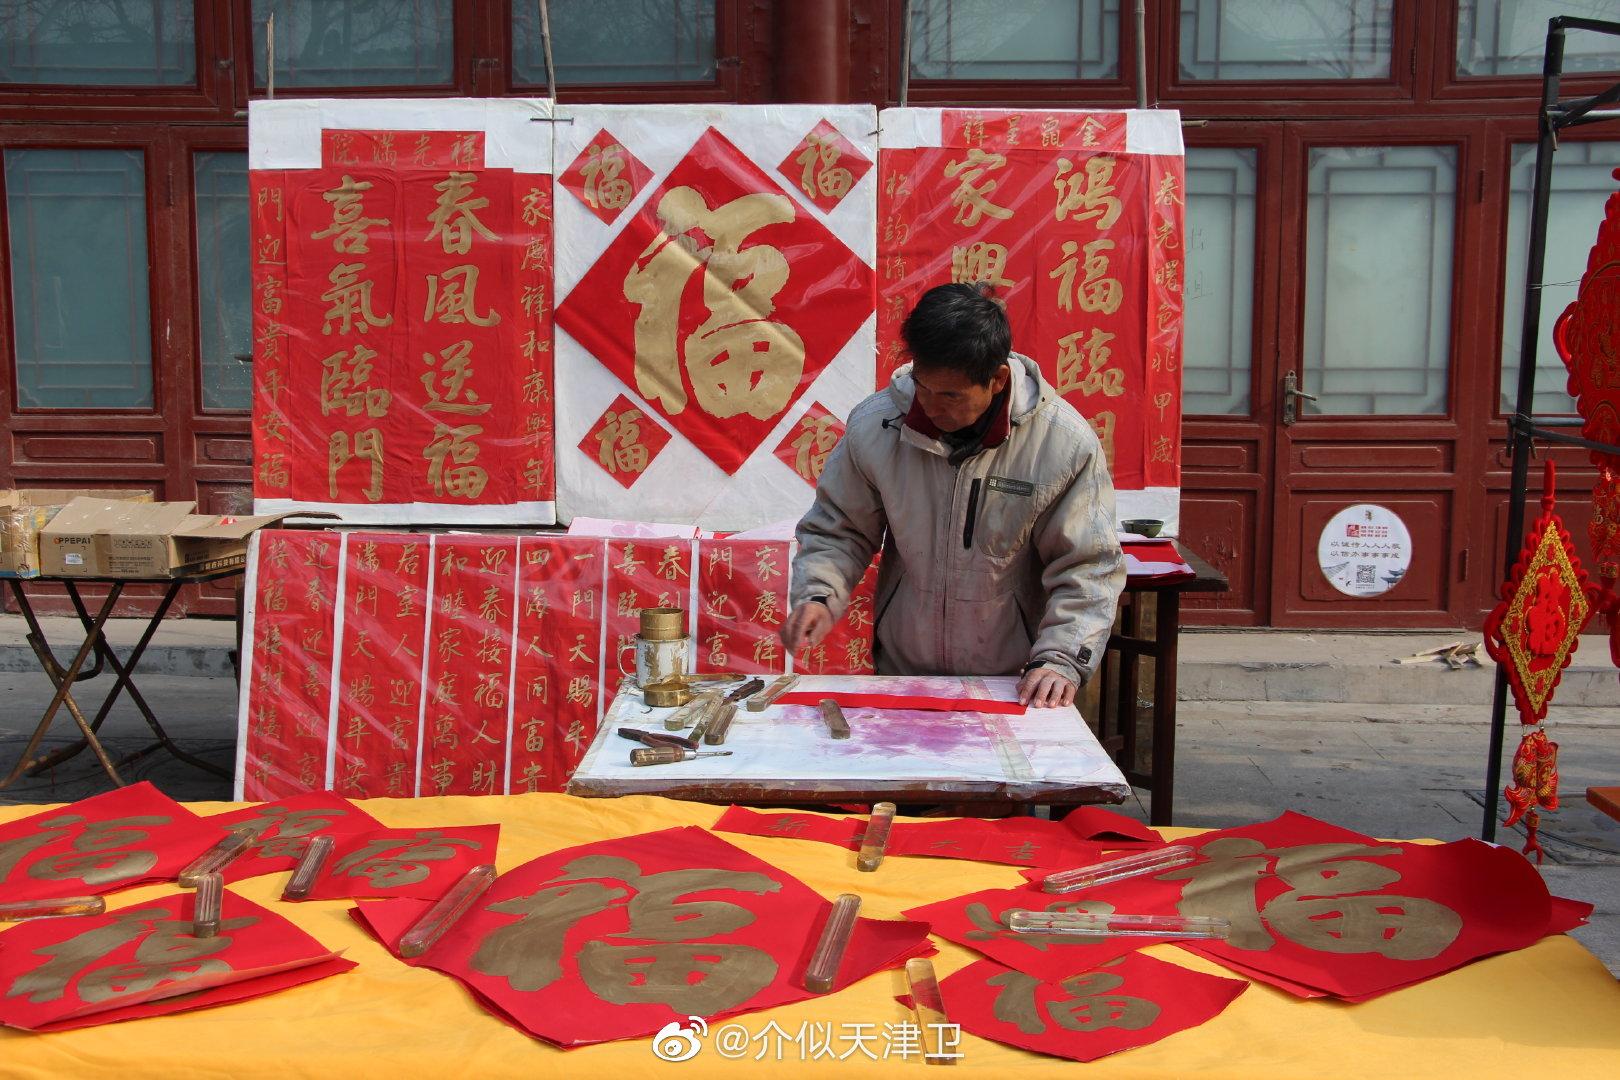 在杨柳青的2020年年货大街上我看到了这位现场写对联福字的大爷